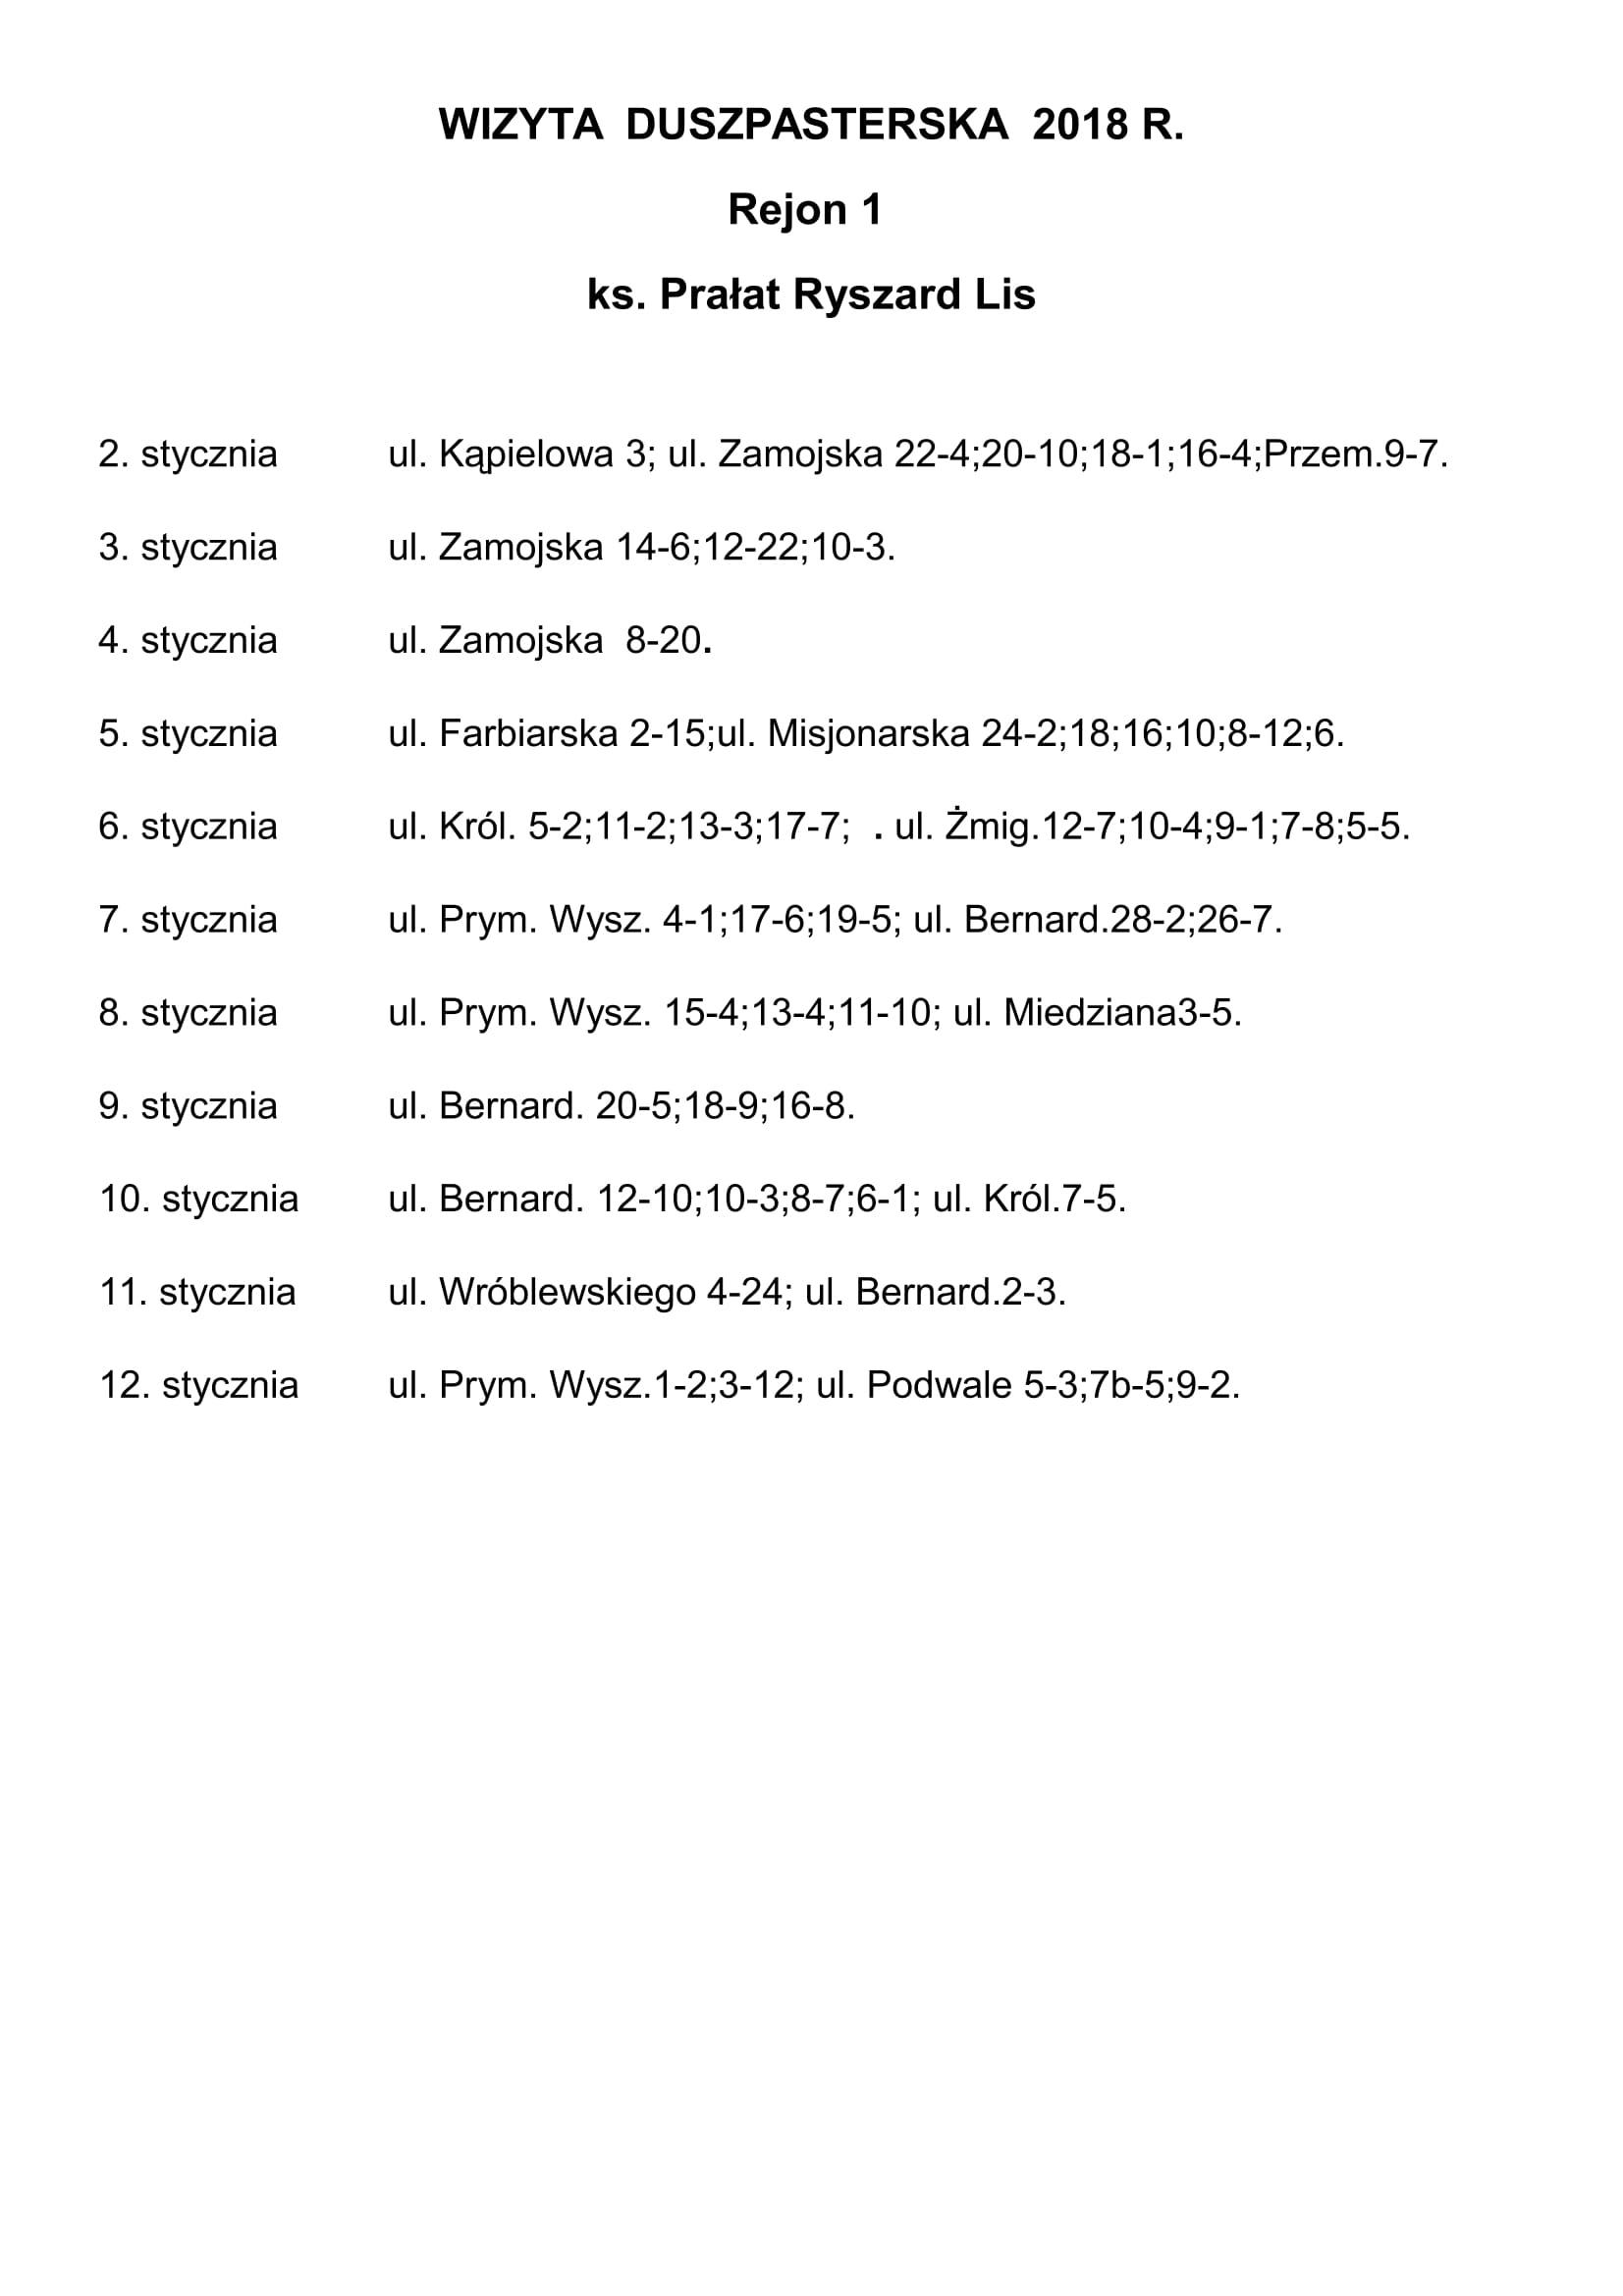 Rejon 1-1